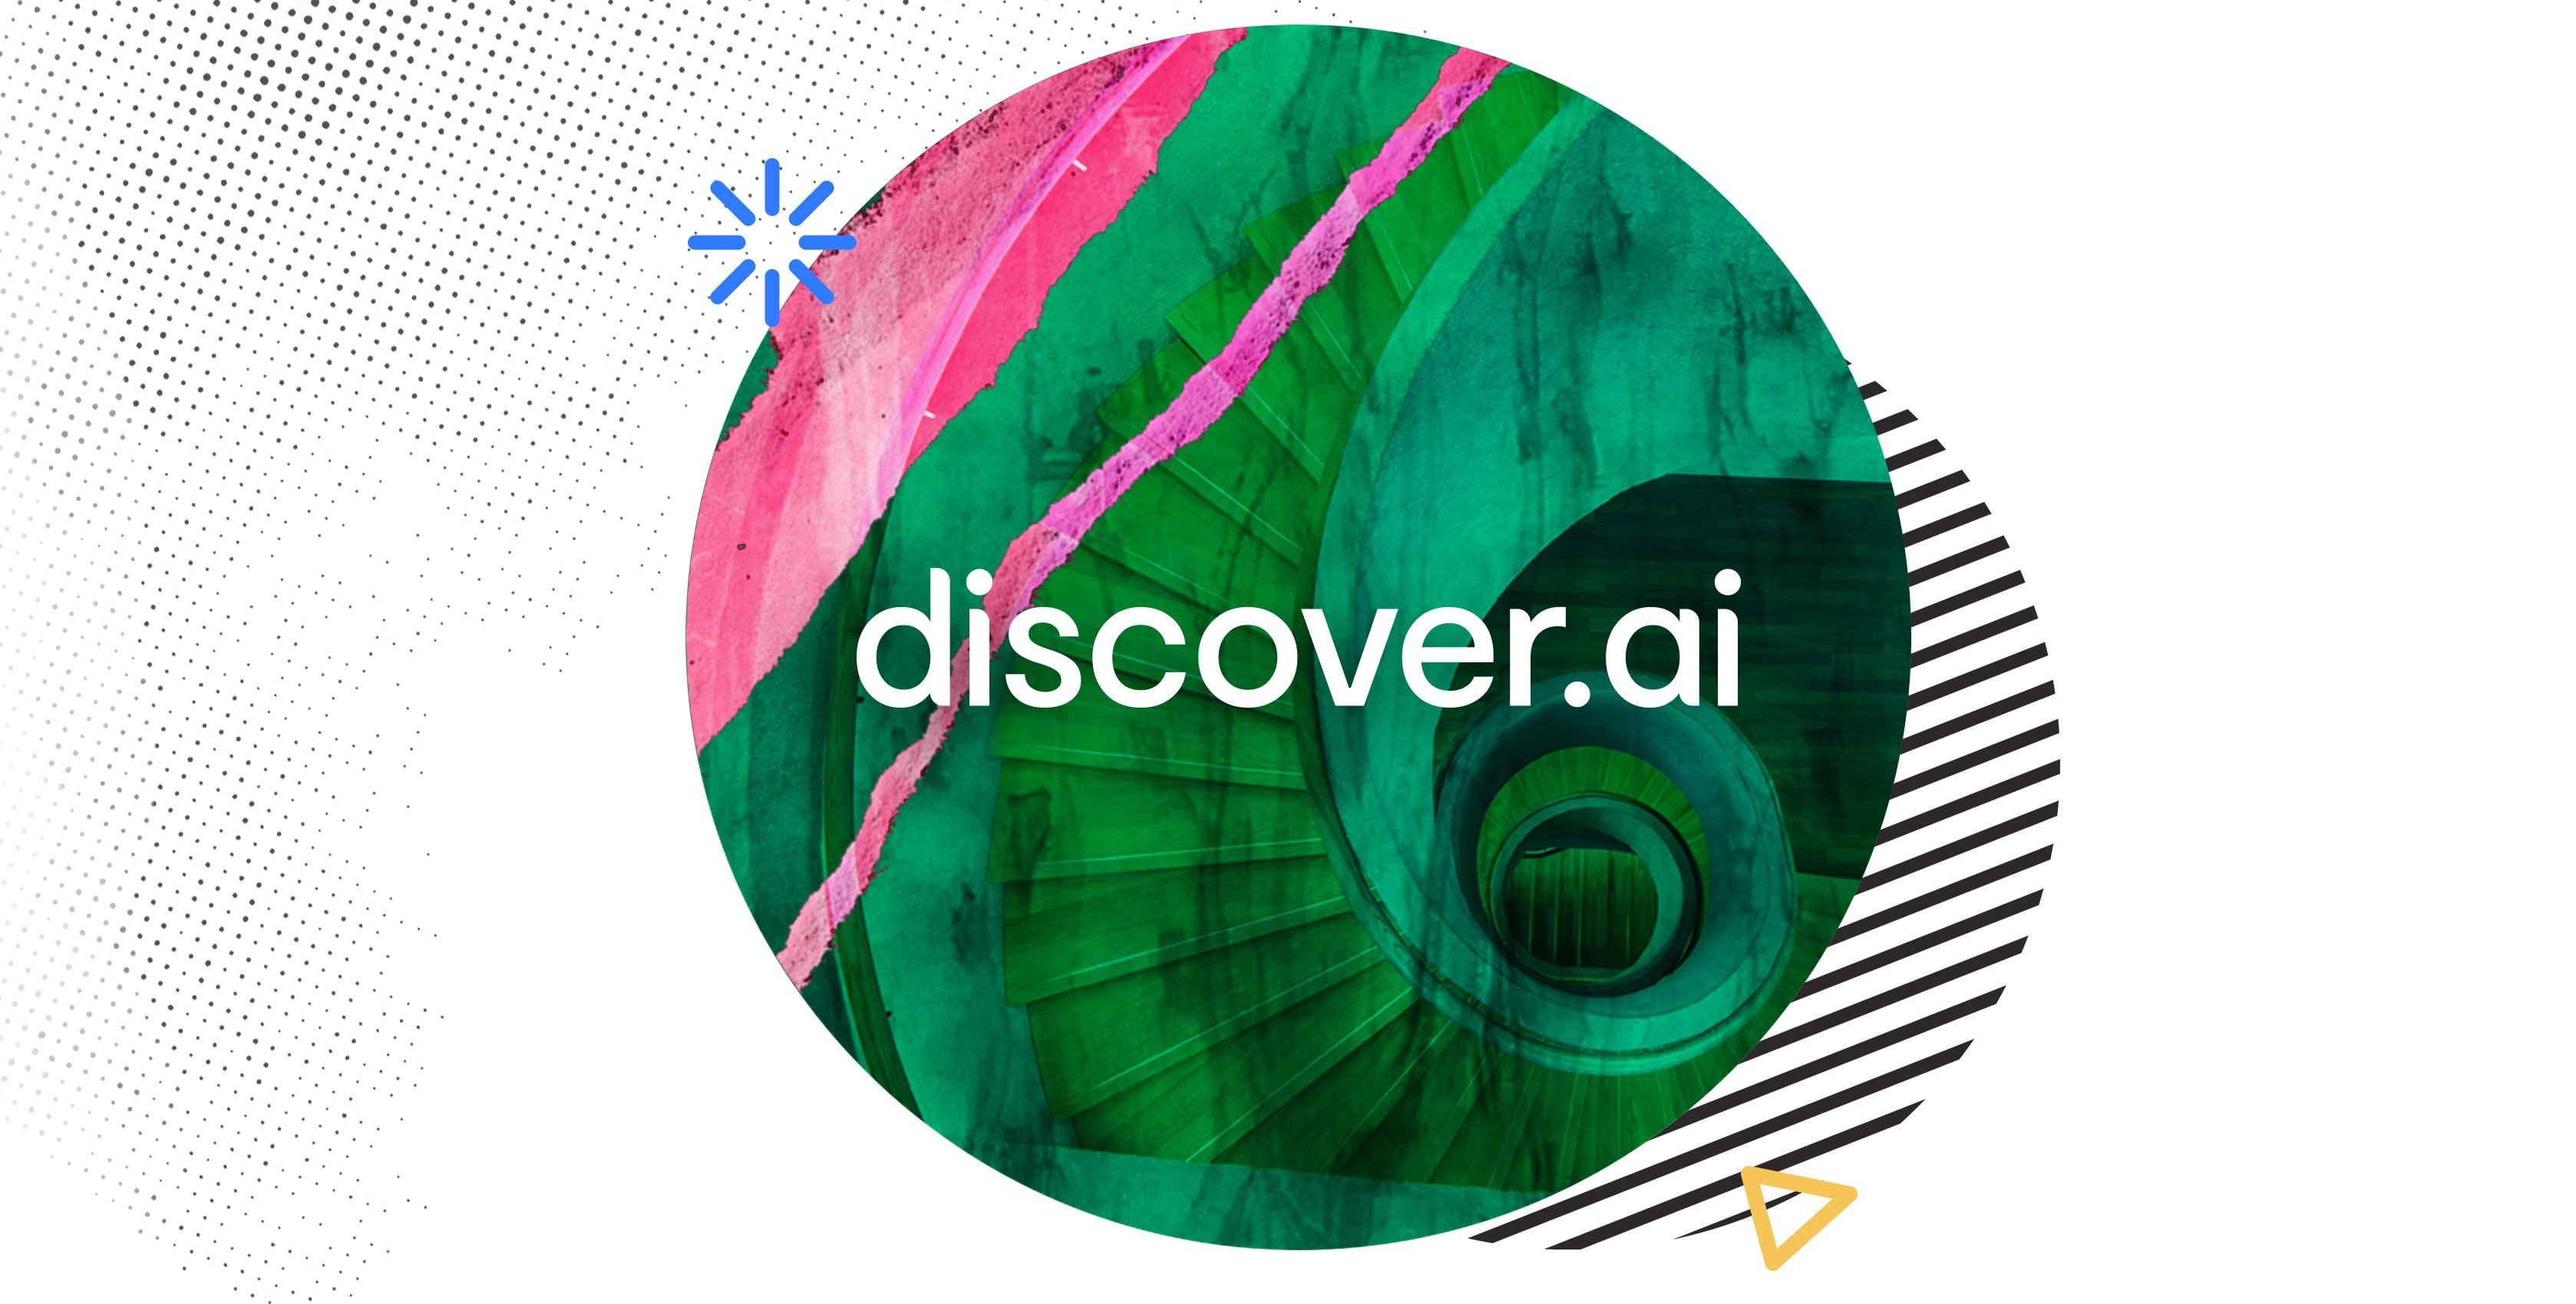 discover.ai logo